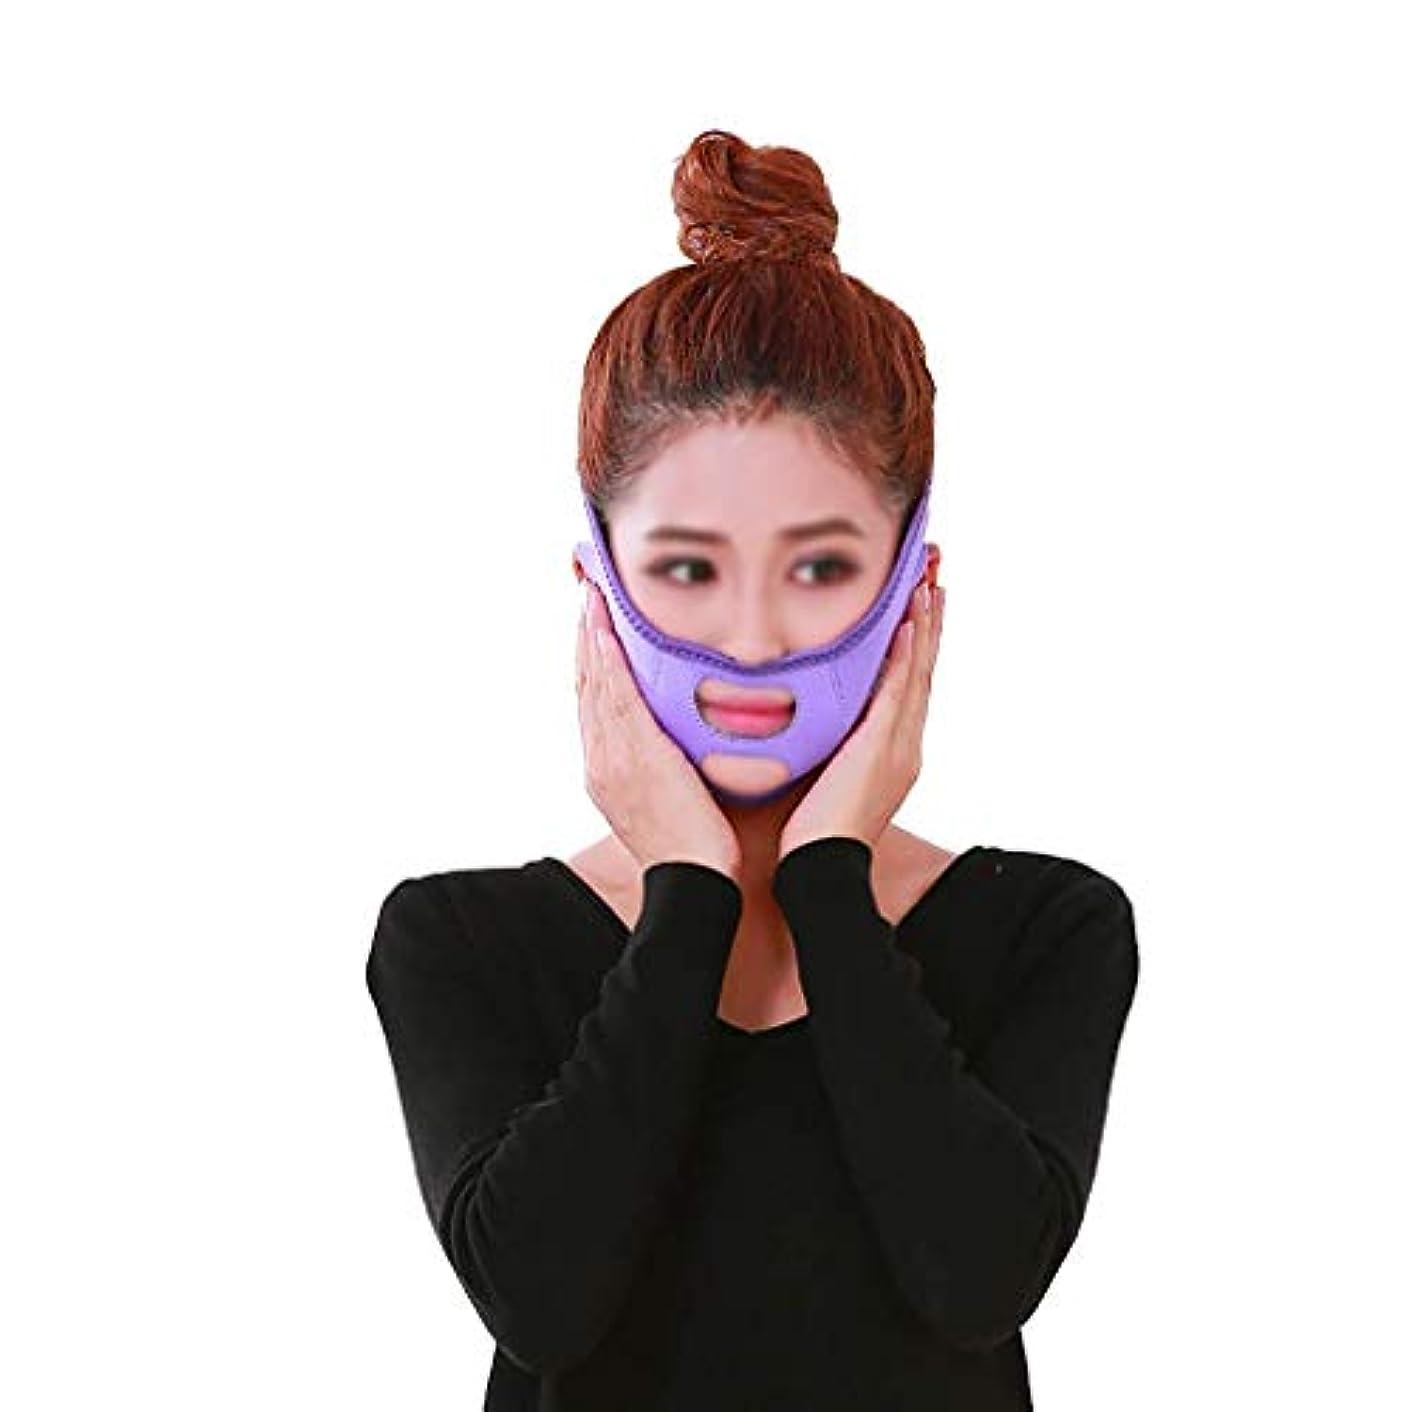 バーガー二余暇フェイスリフトフェイシャル、肌のリラクゼーションを防ぐタイトなVフェイスマスクVフェイスアーティファクトフェイスリフトバンデージフェイスケア(色:紫)